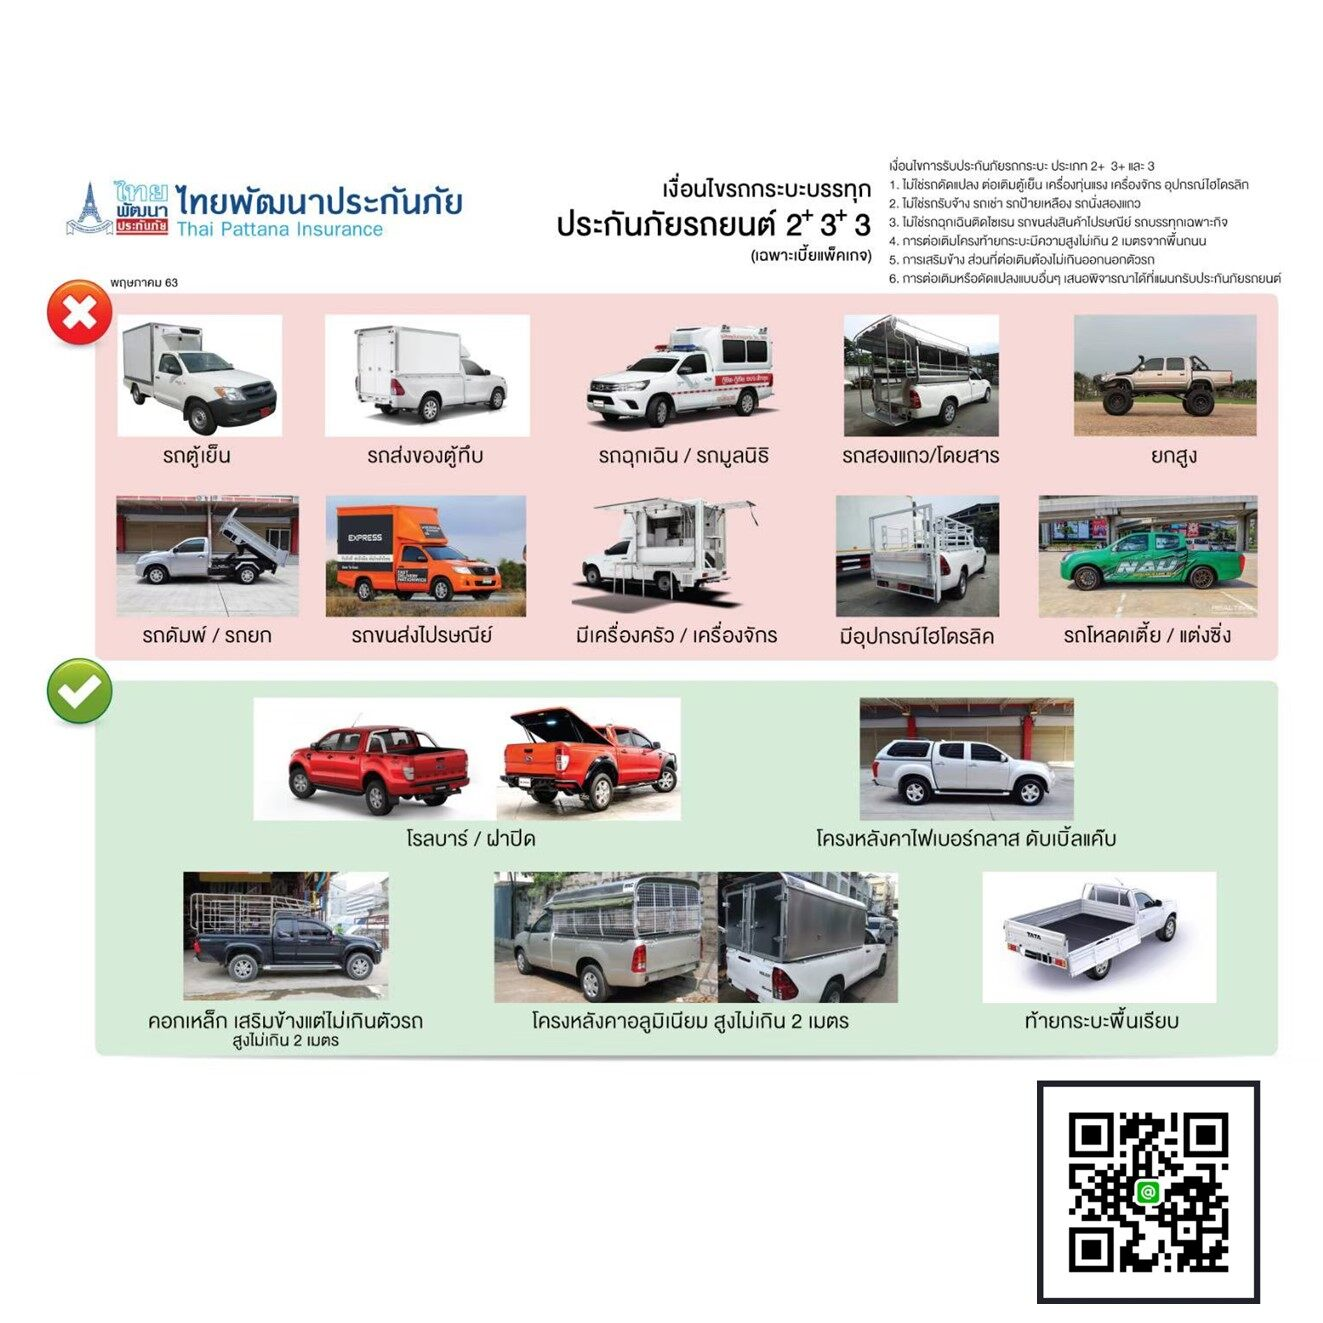 รีวิว ประกันรถยนต์ 3 + สุดเวิร์ค( เก๋ง ,กระบะ) ทุนประกัน 150,000 บาท รถชนรถ รถพลิกคว่ำ รถตกถนน รถเสีย/รถยก ทรัพย์สินคู่กรณี ค่ารักษา ไม่มีค่าเสียหายส่วนแรก บริการช่วยเหลือฉุกเฉิน 24 ชั่วโมง(ไม่จำกัดครั้ง)